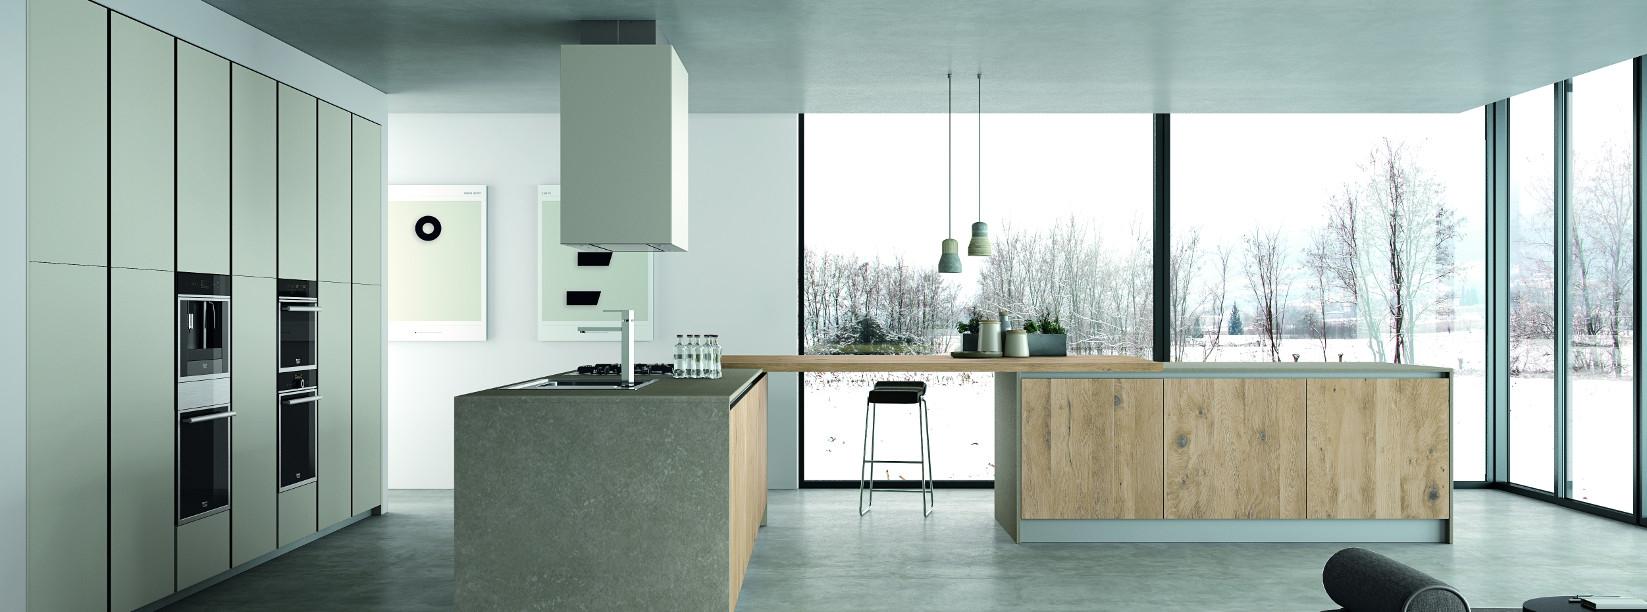 Diseño de cocinas, baños, armarios empotrados, iluminación: Alipa ...